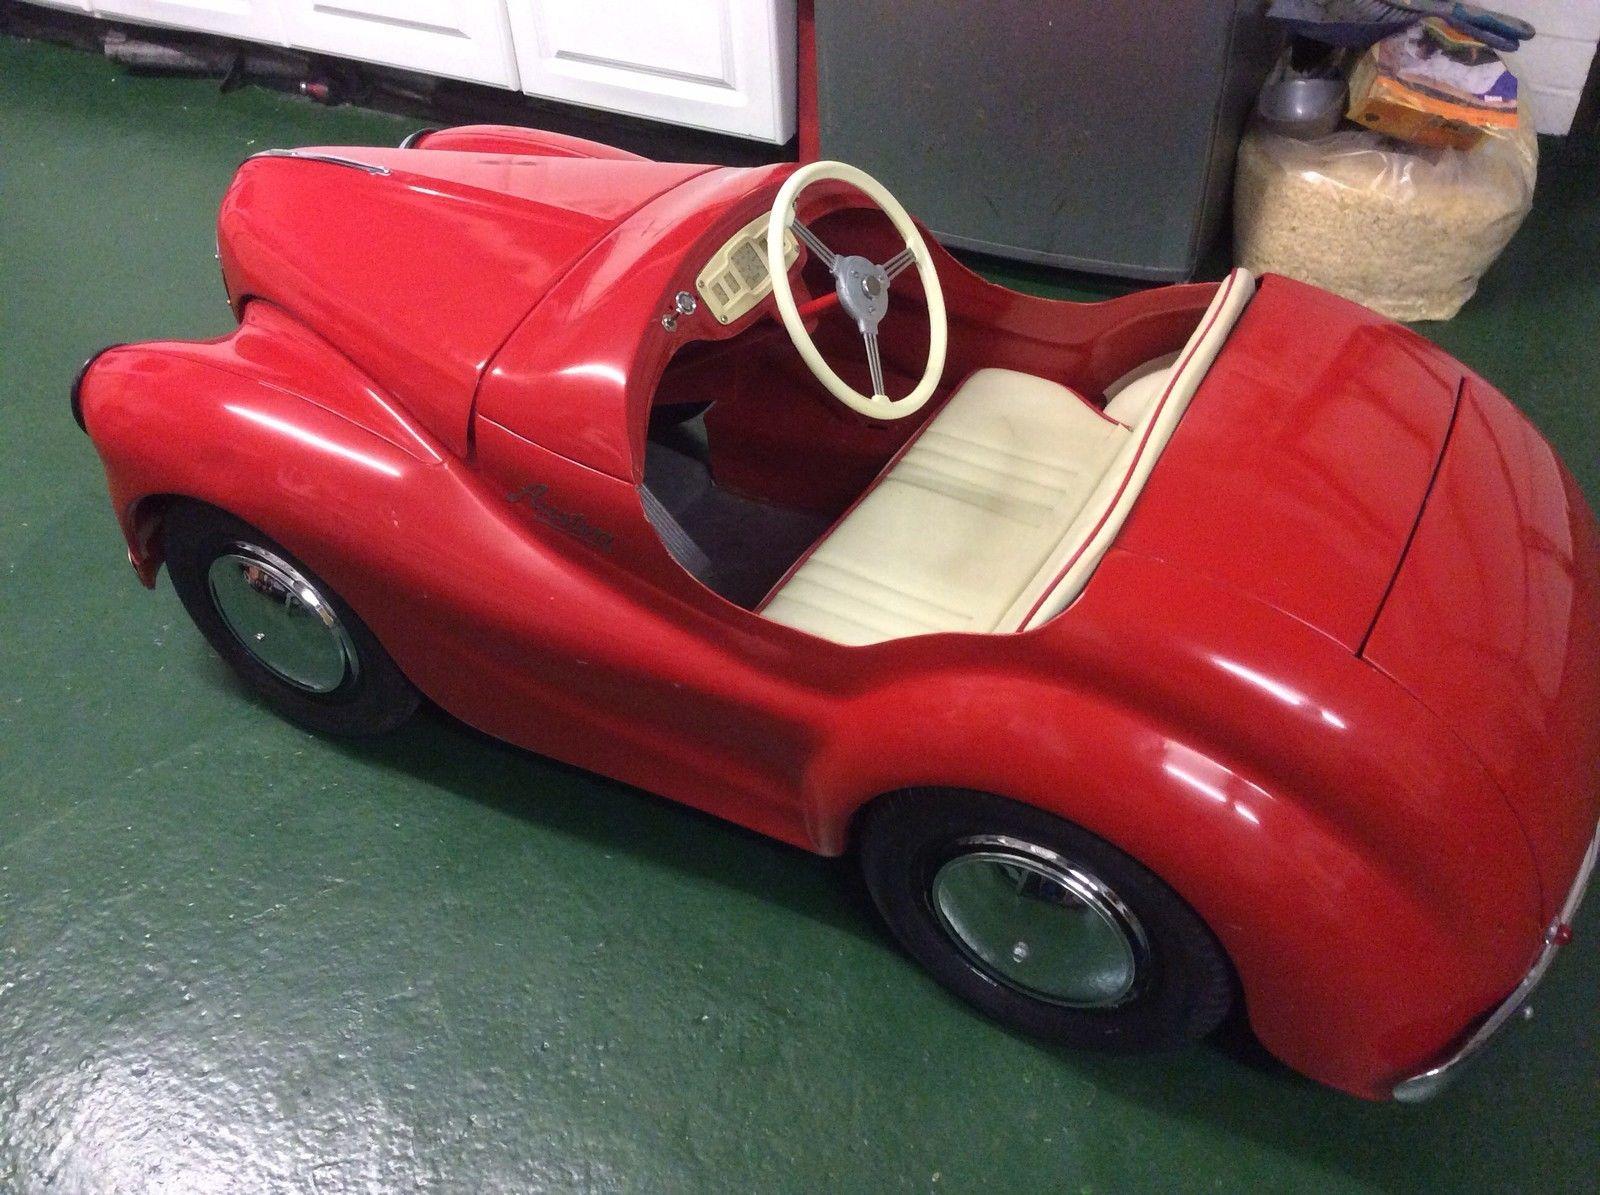 austin j40 kids pedal car vintage pedal car in toys games vintage